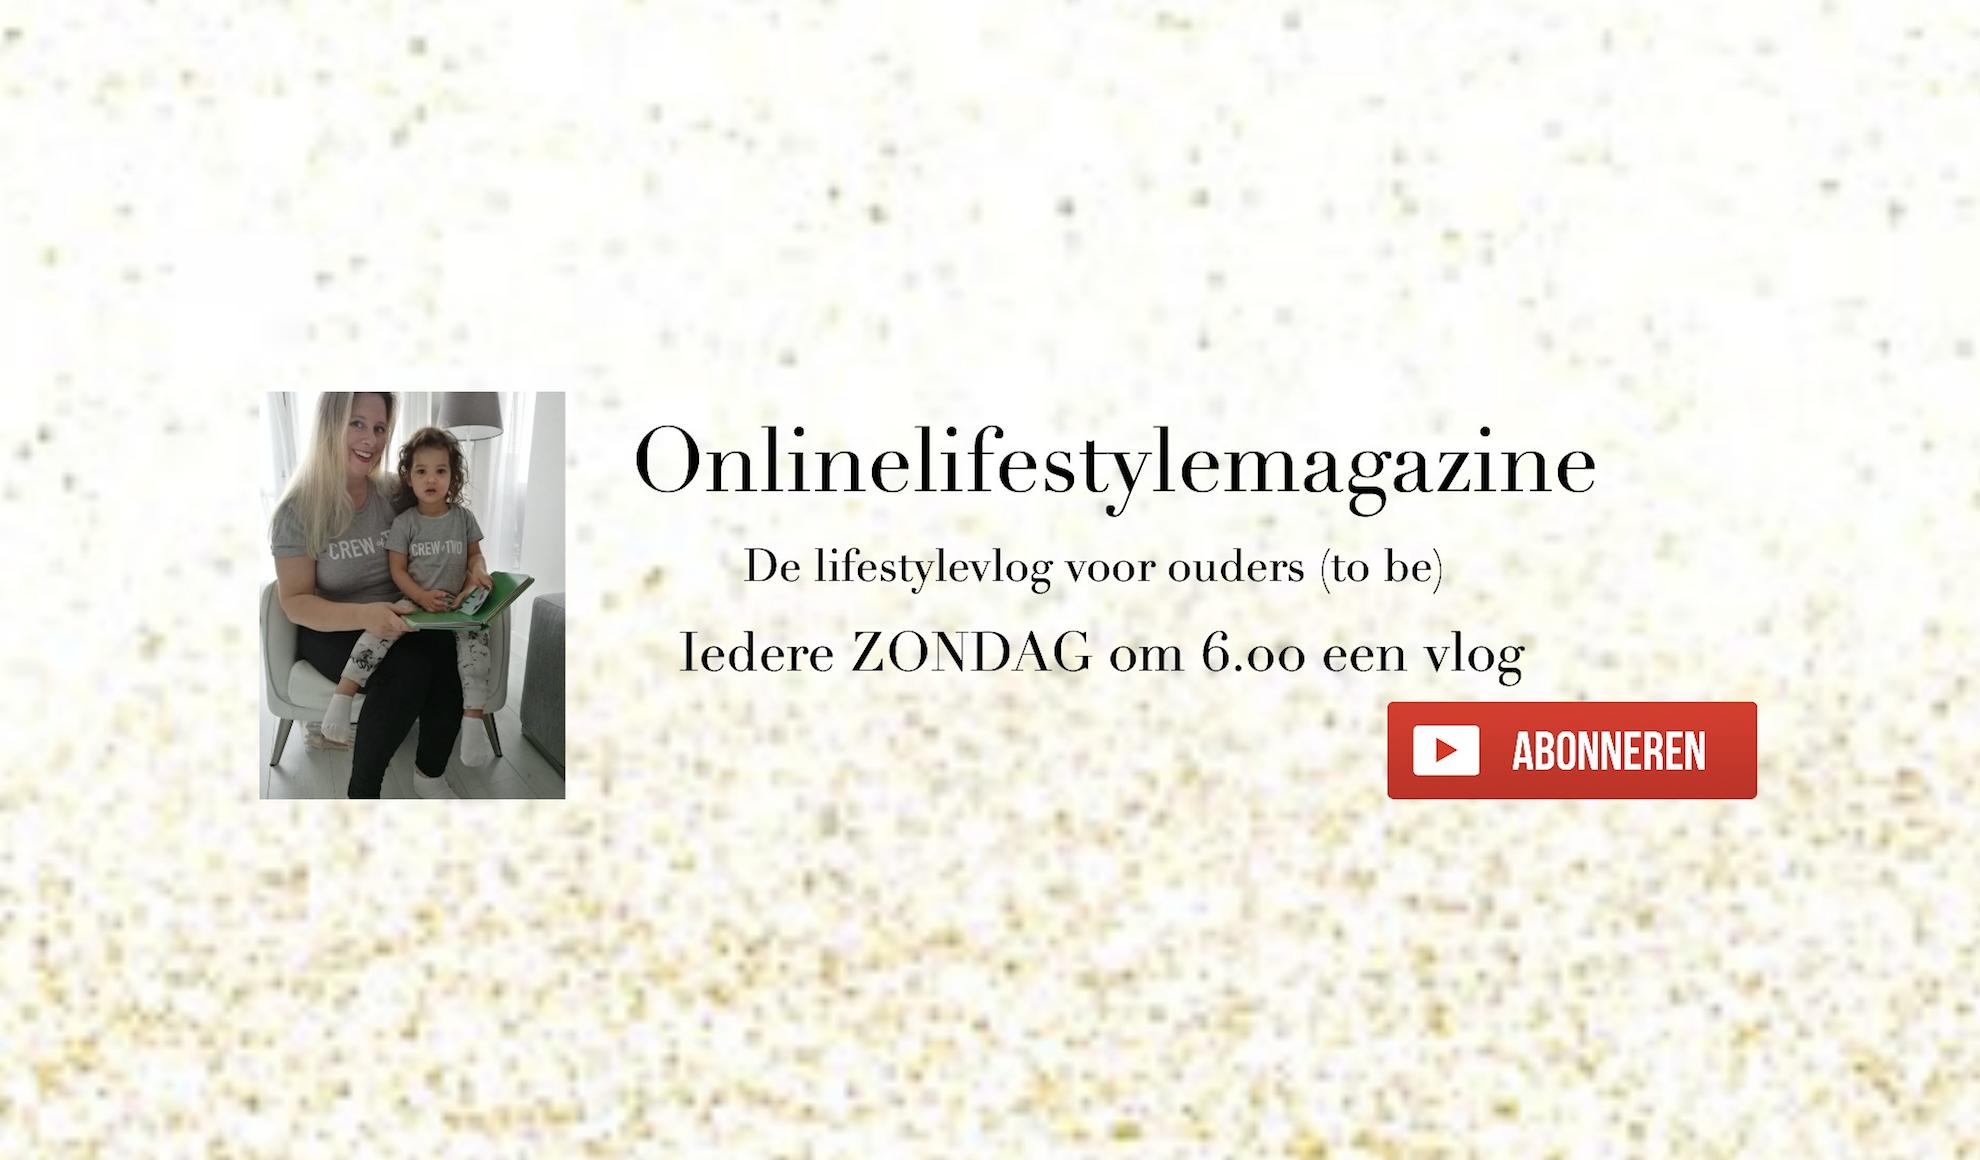 Youtube Kanaal Onlinelifestylemagazine